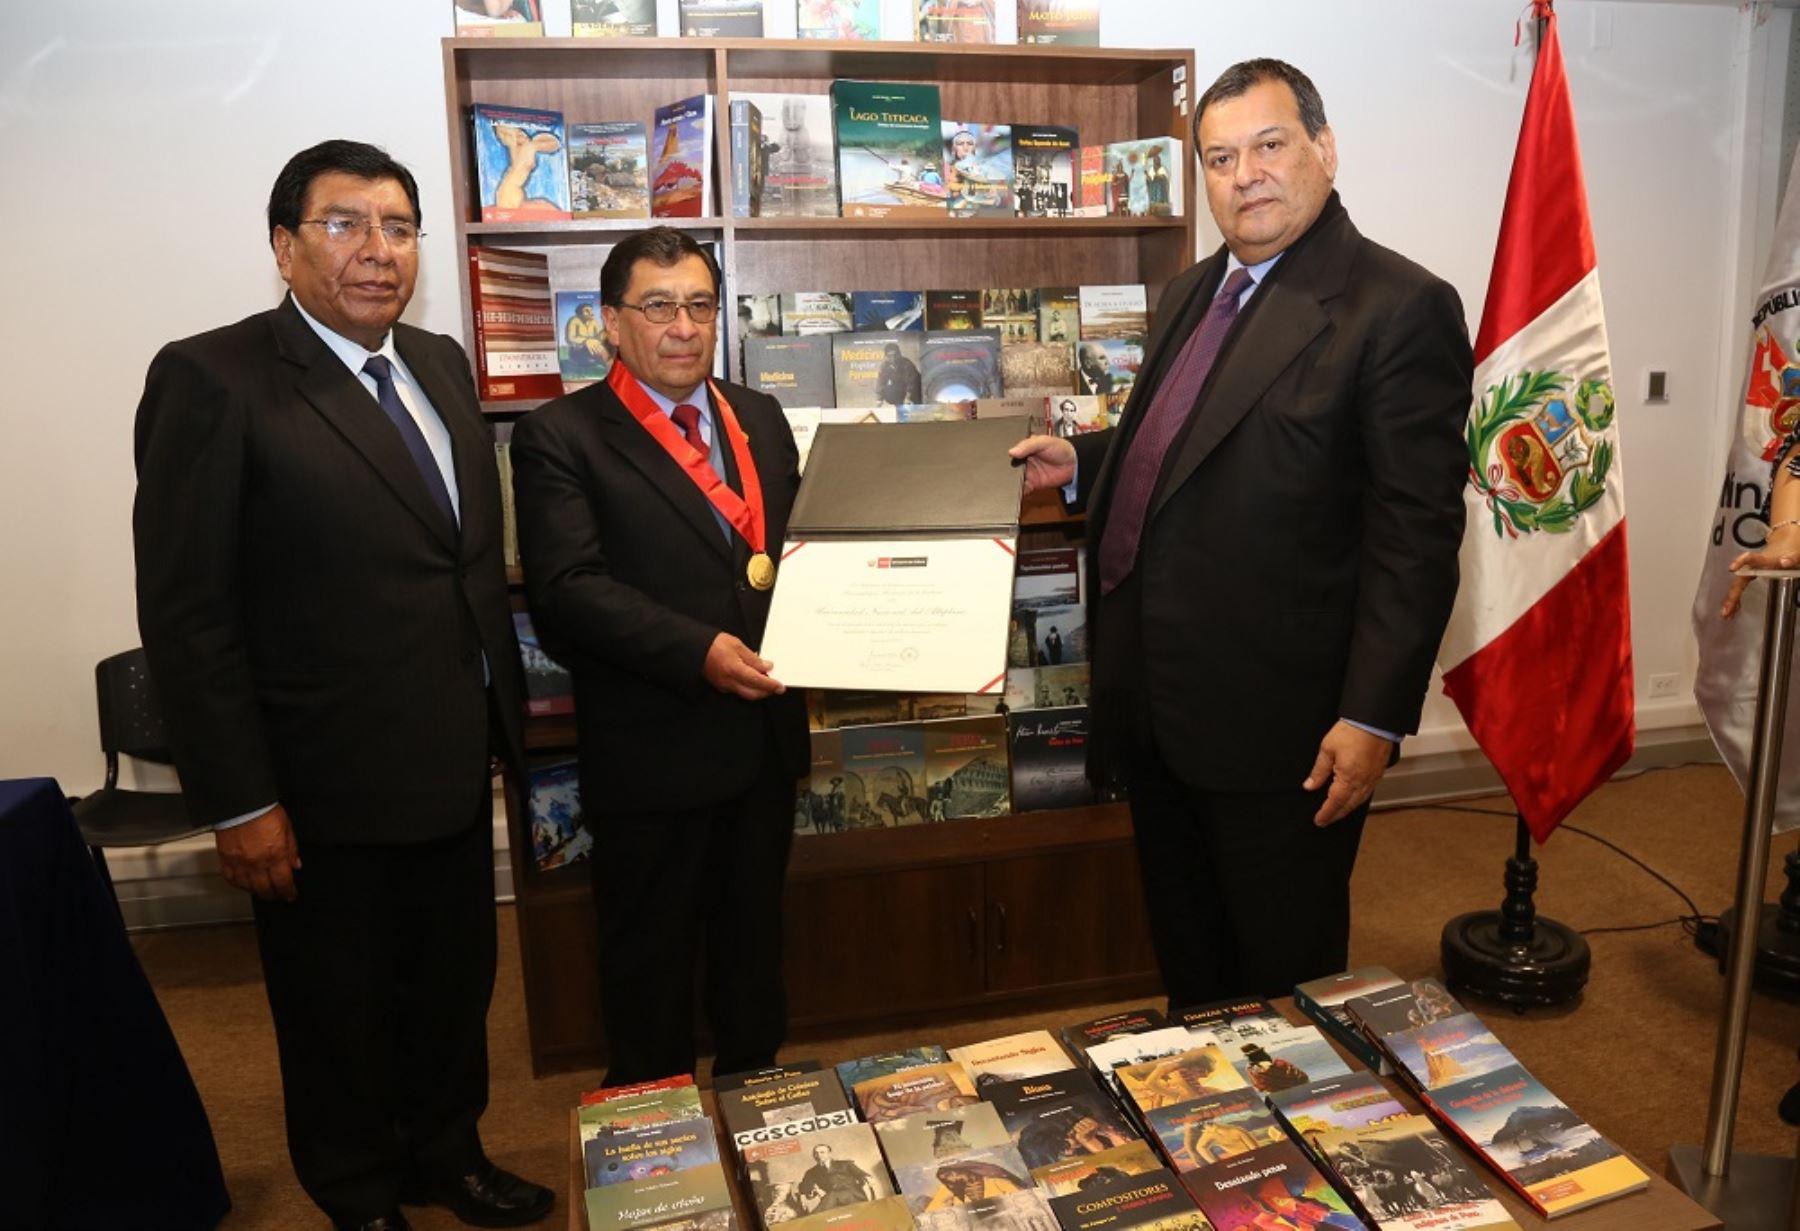 En mérito a su acertada política editorial y por su valioso aporte a la cultura peruana a través de sus destacadas publicaciones, el Ministerio de Cultura distinguió a la Universidad Nacional del Altiplano de Puno como Personalidad Meritoria de la Cultura.